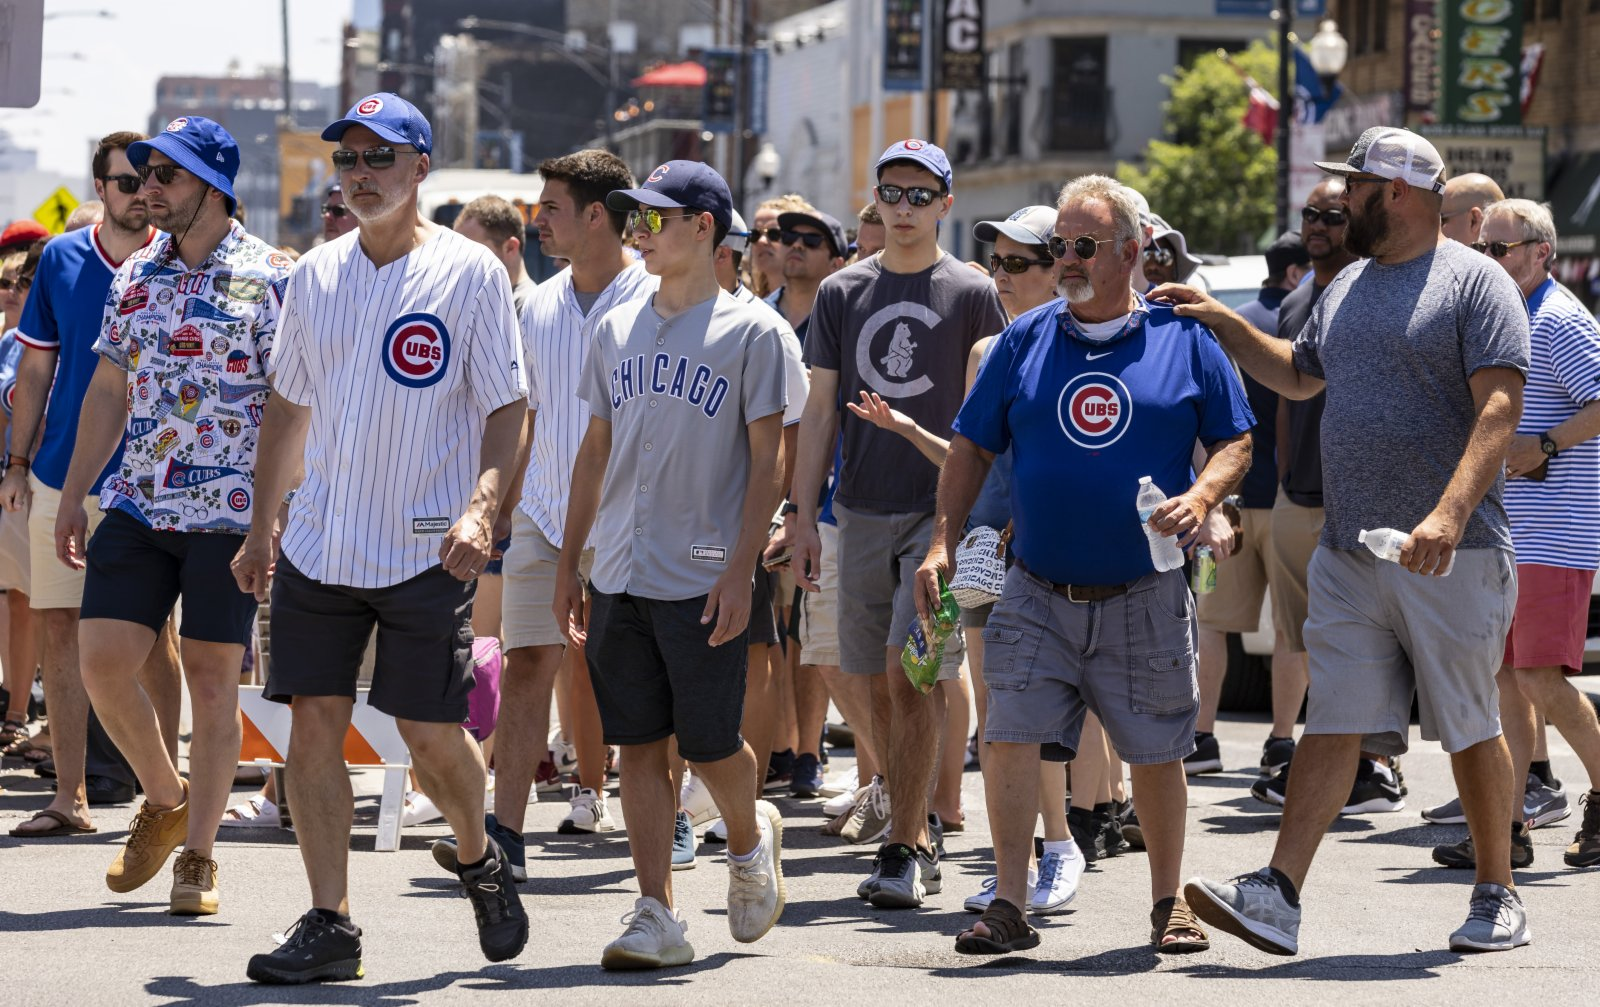 6月11日,在美國伊利諾伊州芝加哥,人們前往球場觀看比賽。(新華社)